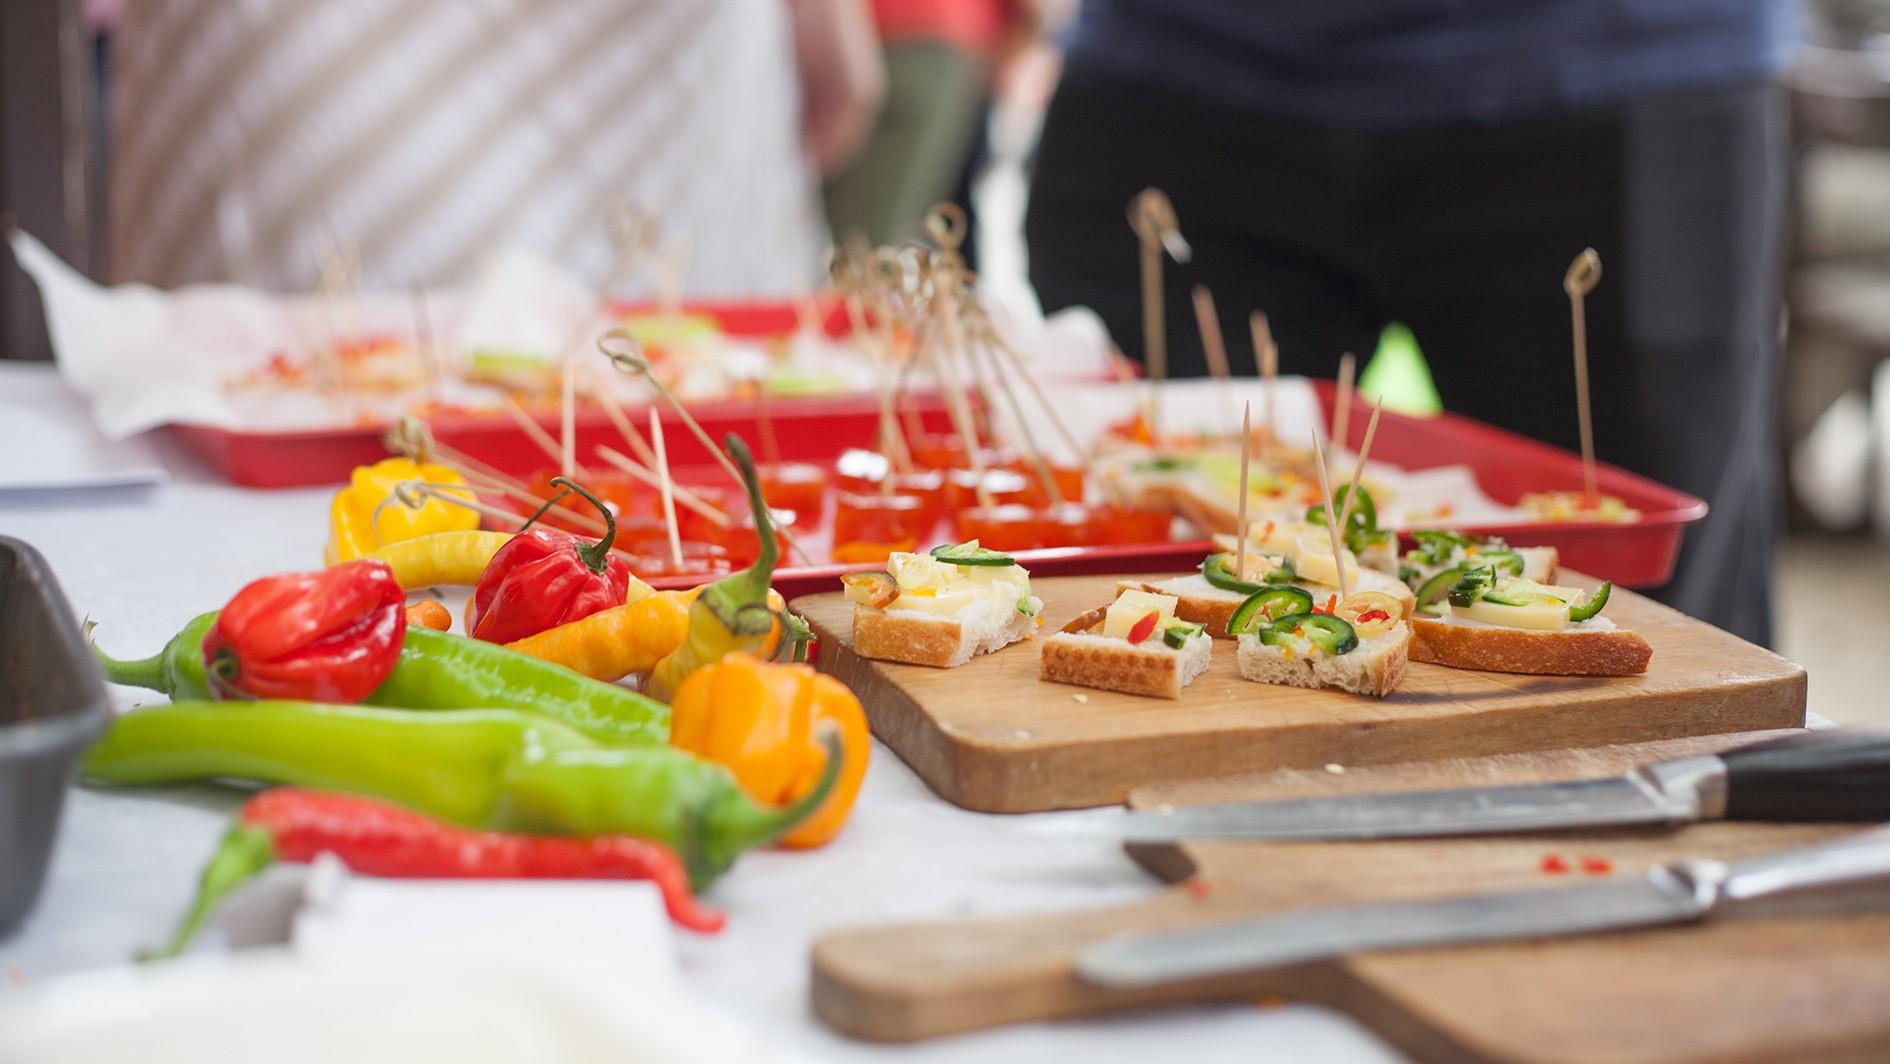 Lecsó, chili, patchwork - fesztiválok tömkelegét rendezik a megyében